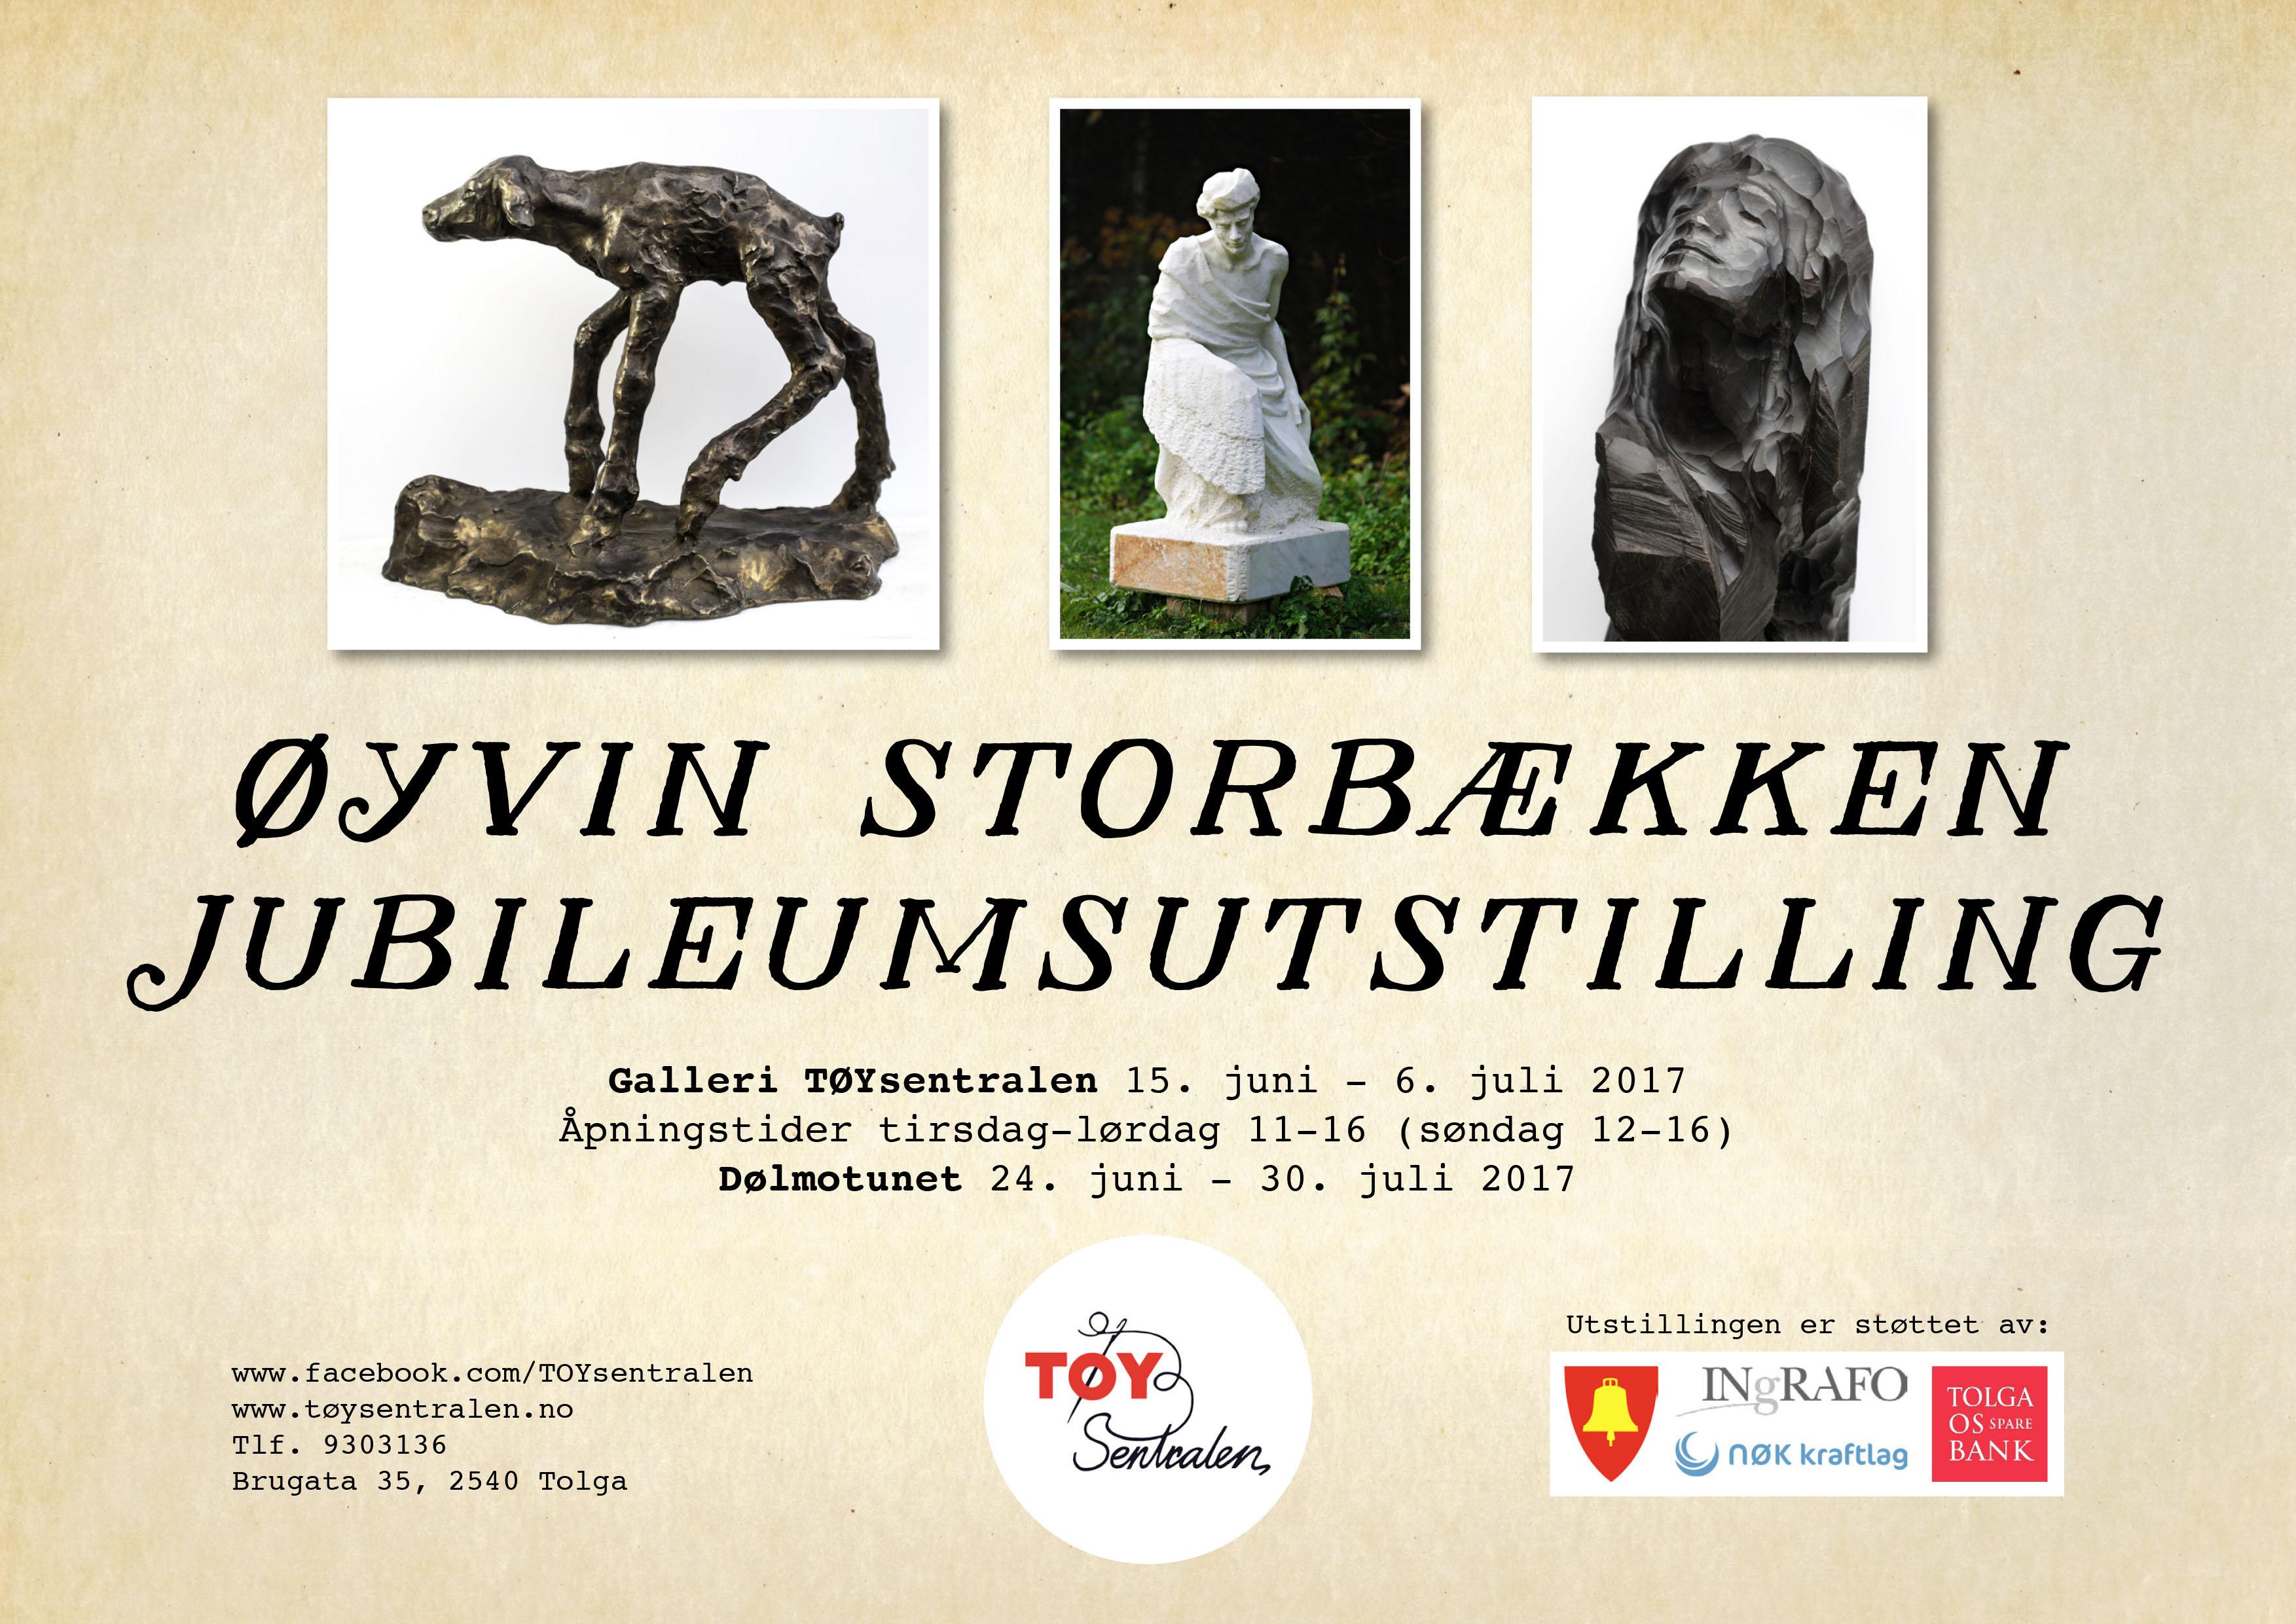 JUBILEUMSUTSTILLING- Øyvin Storbækken- skulptur